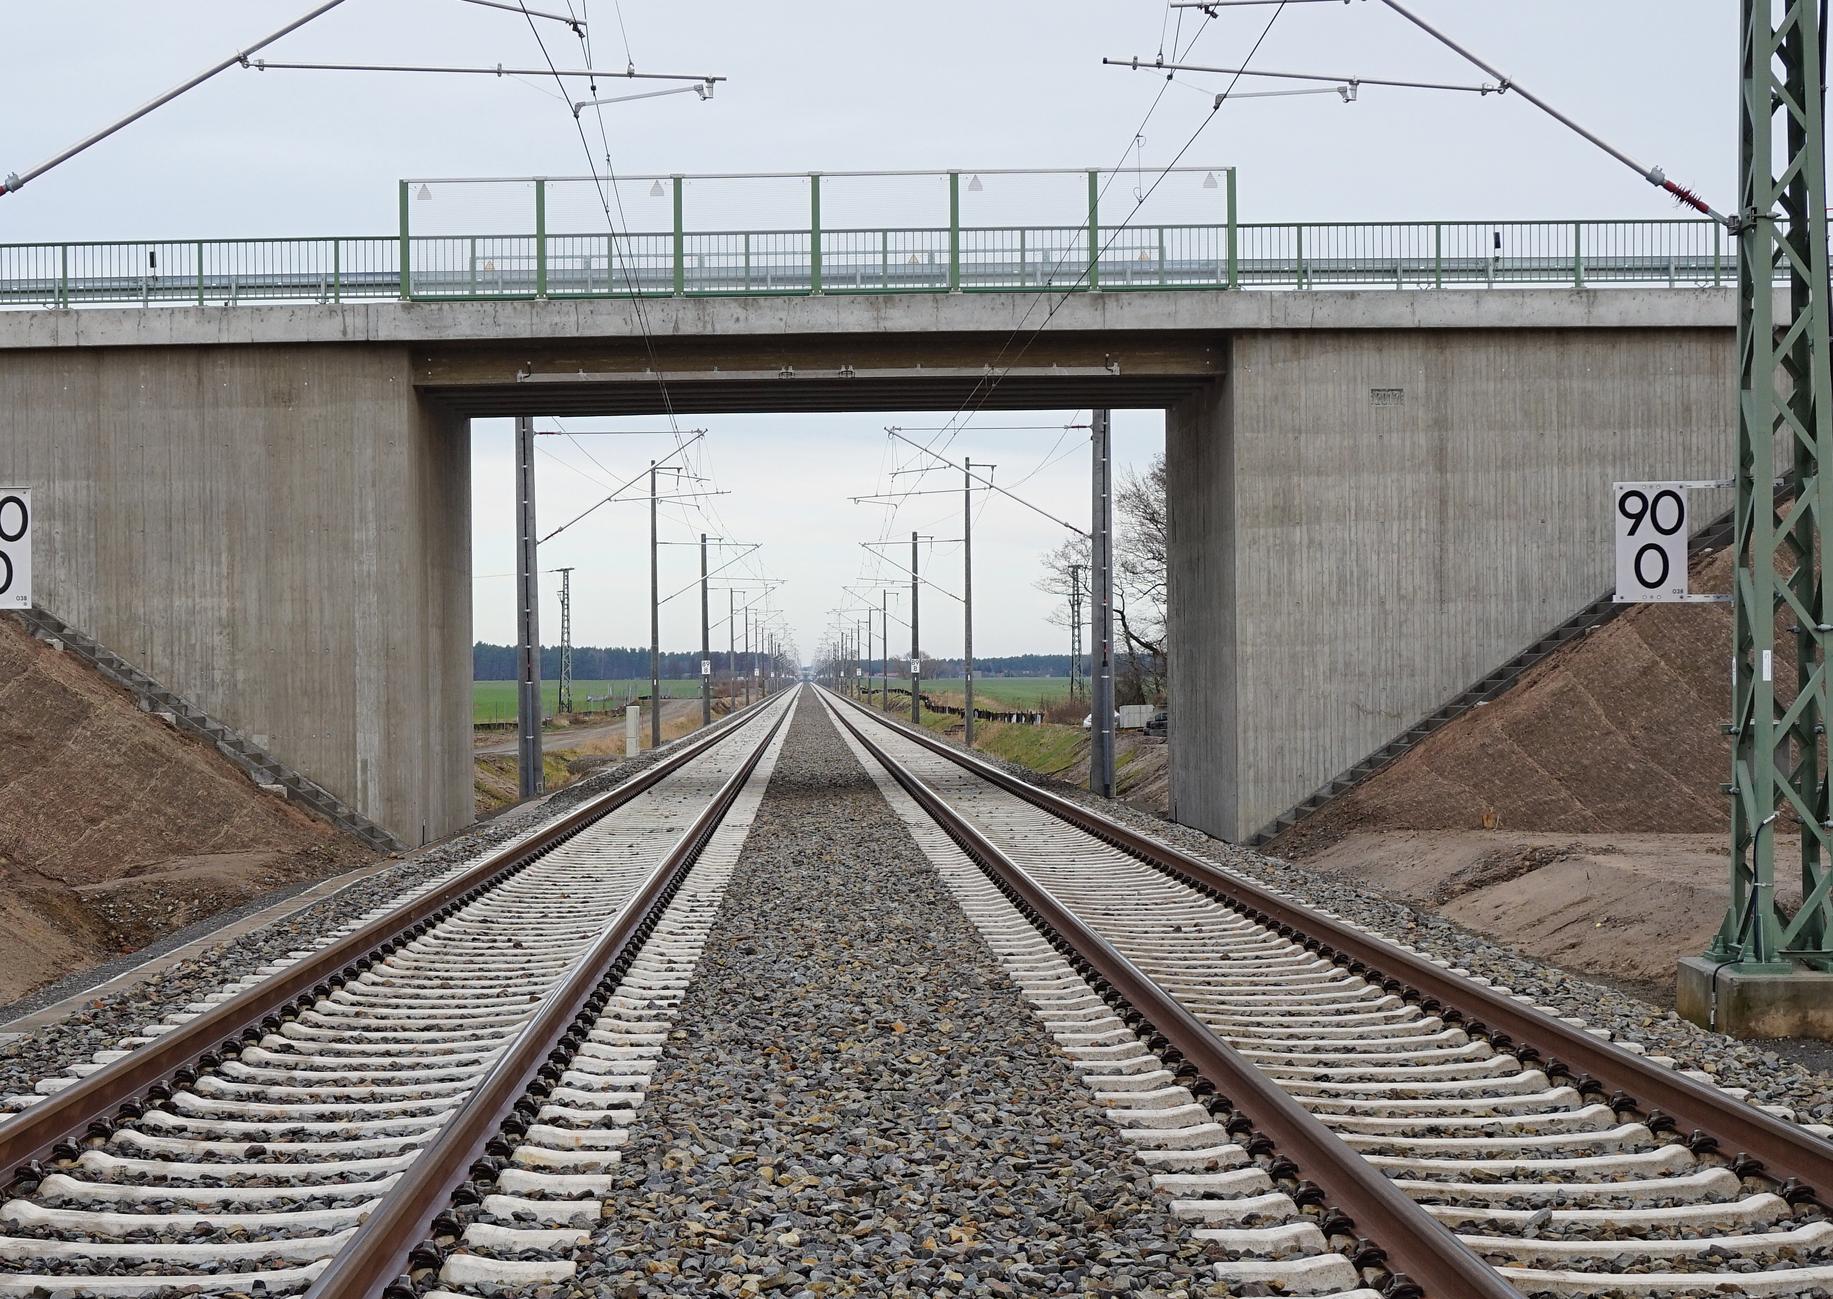 Gleise unter einer Straßenbrücke